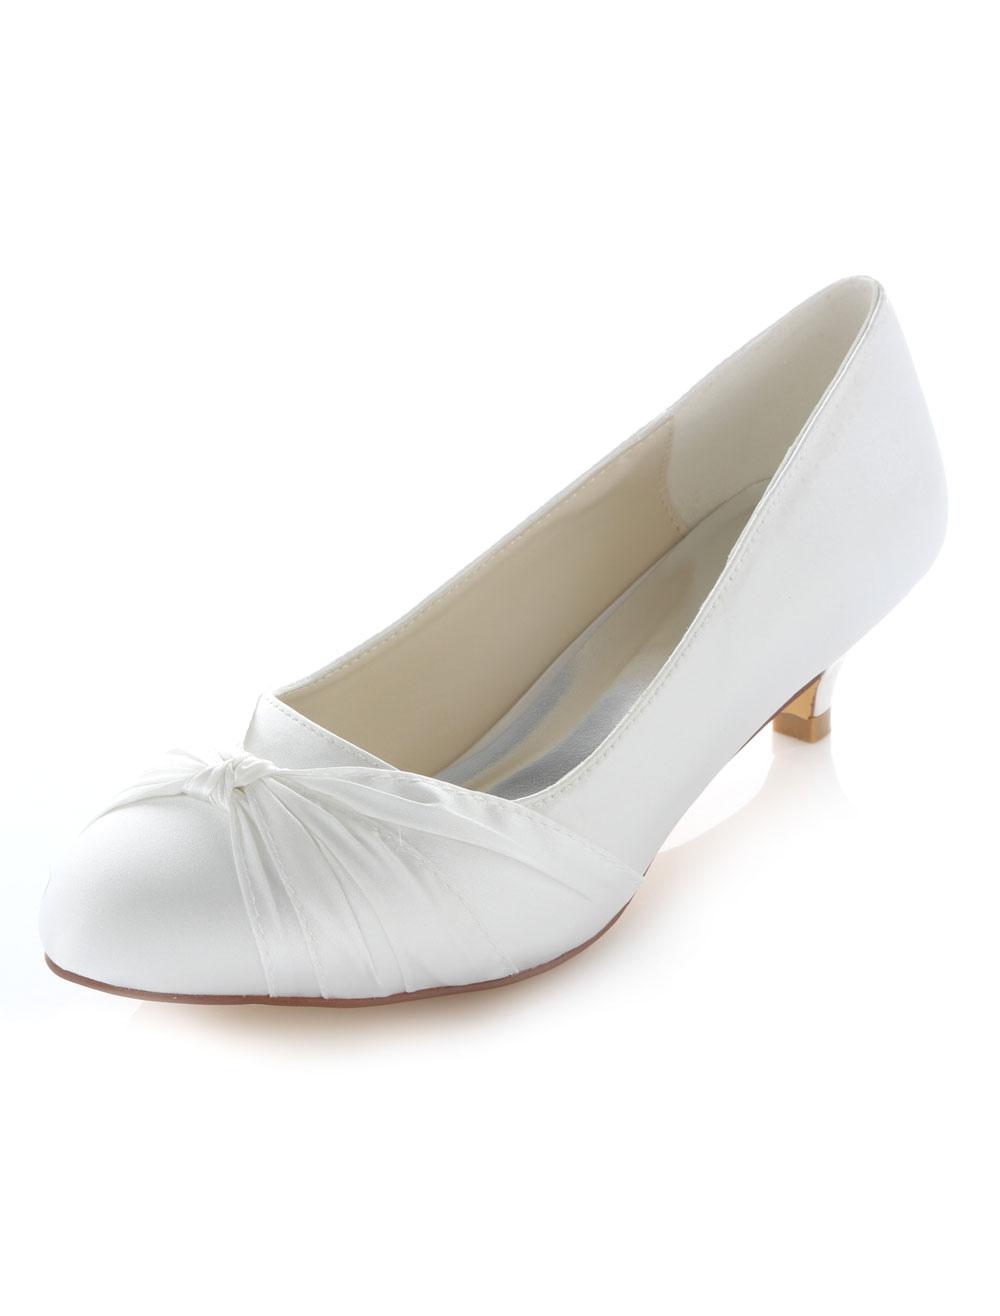 White Bows Satin Trendy Bridal Pumps